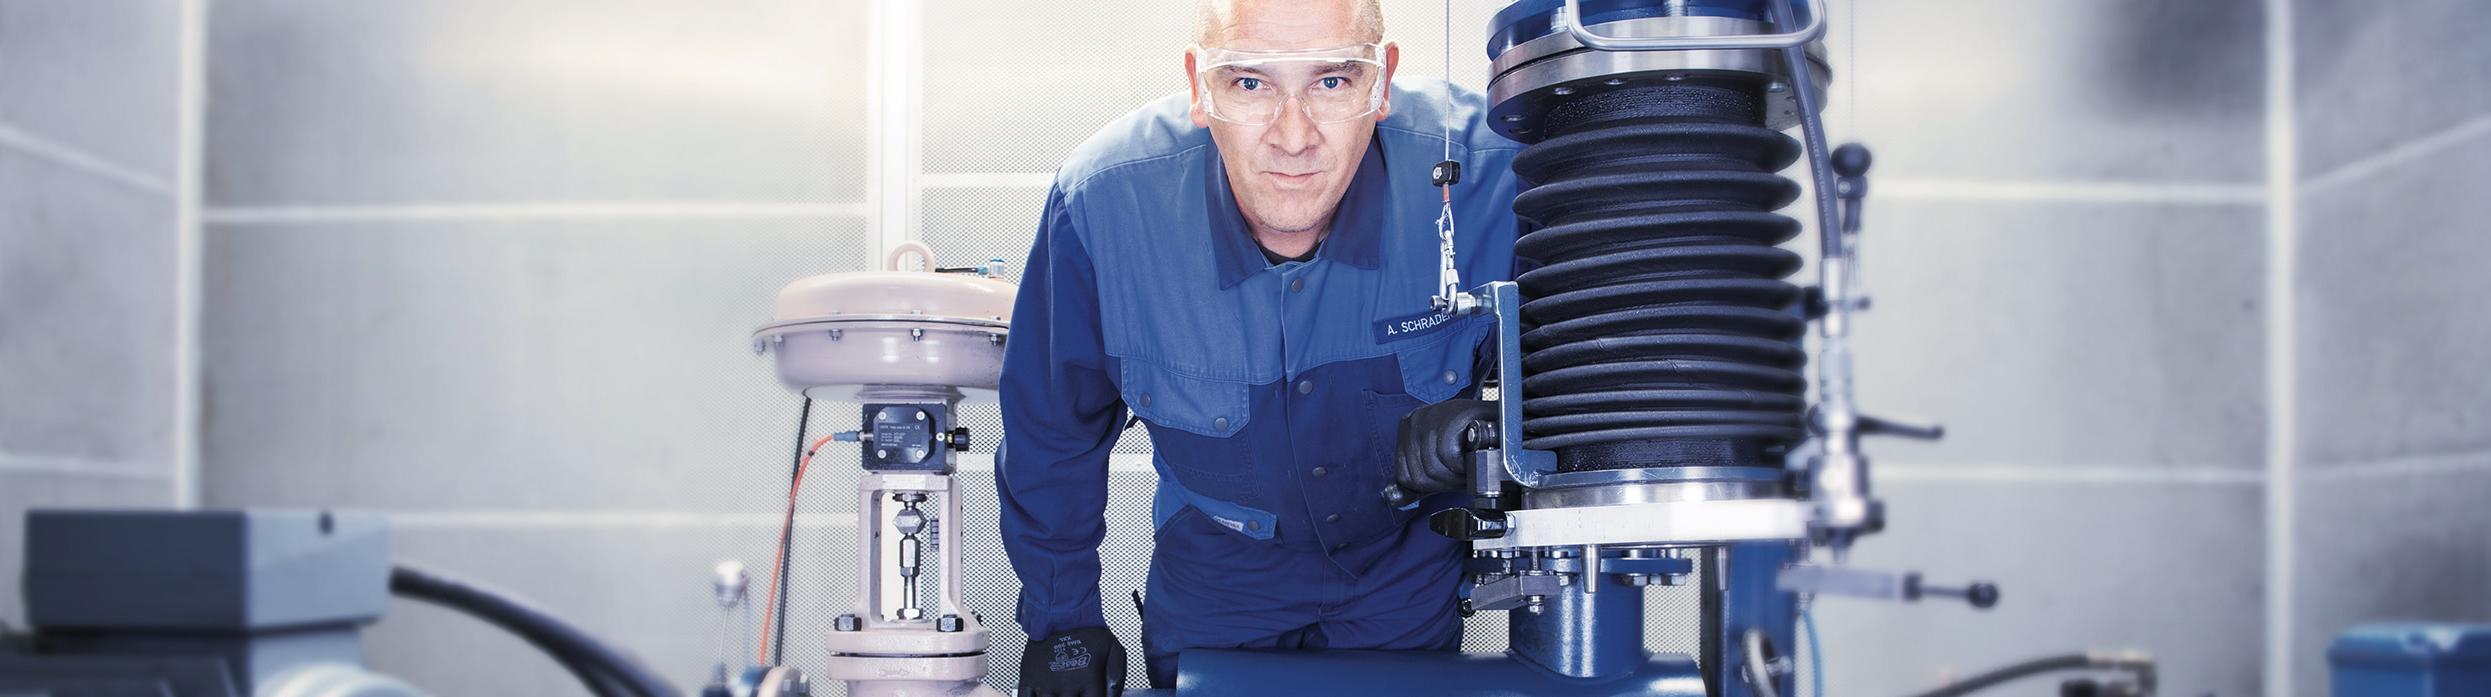 Aerzener Maschinenfabrik Header